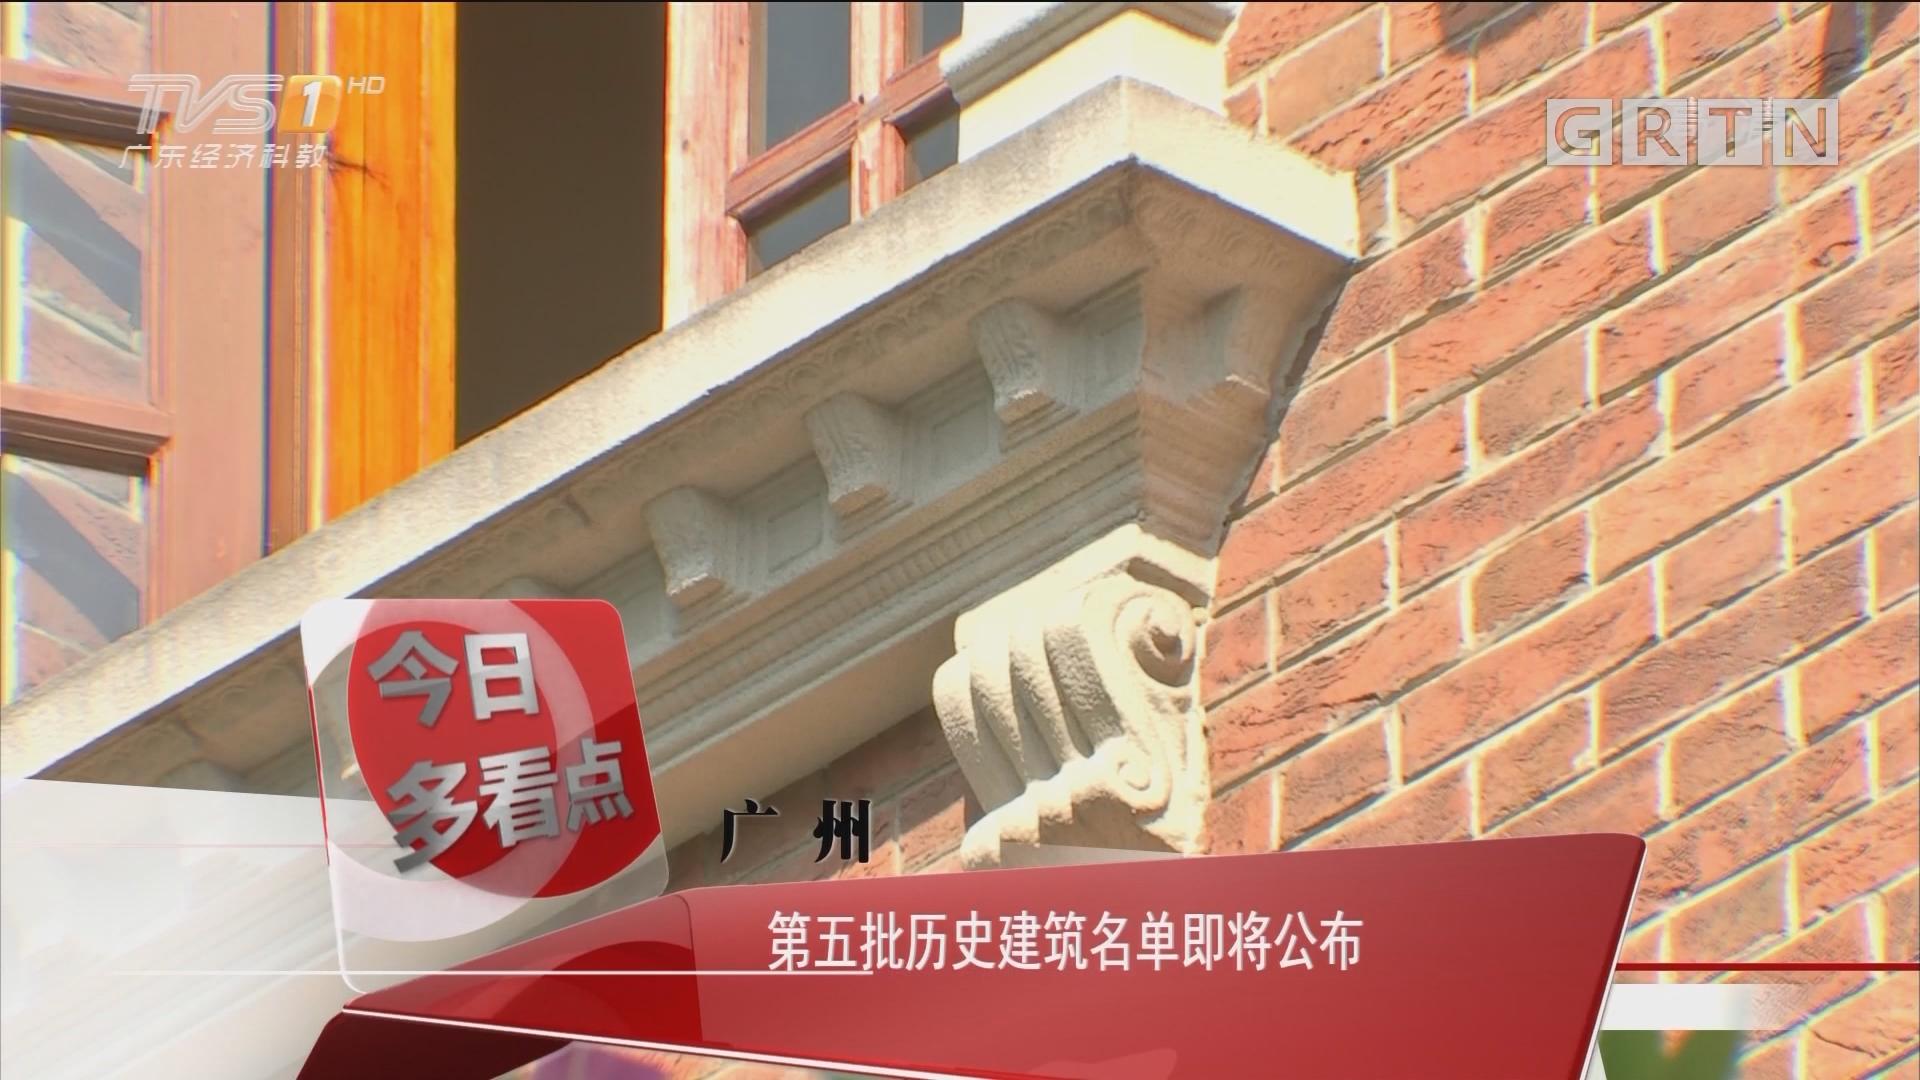 广州:第五批历史建筑名单即将公布